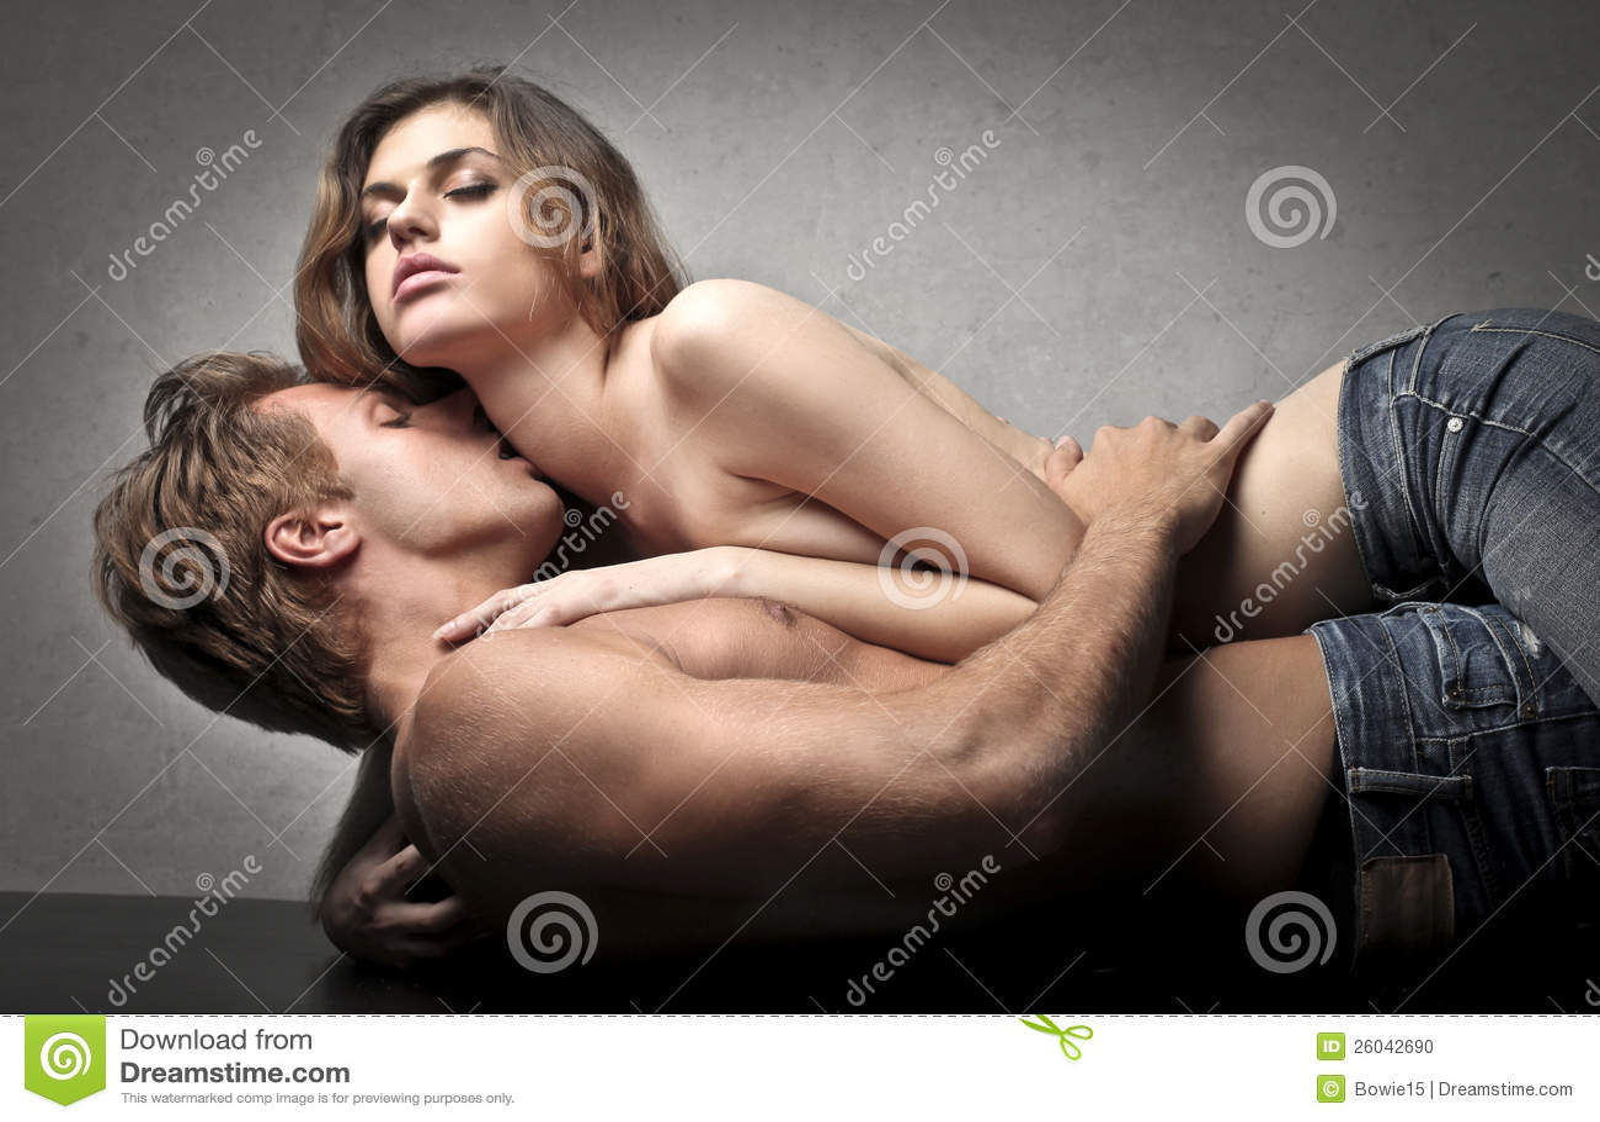 Amateur Porno amp Sexcam Chat  Big7 Erotik Community